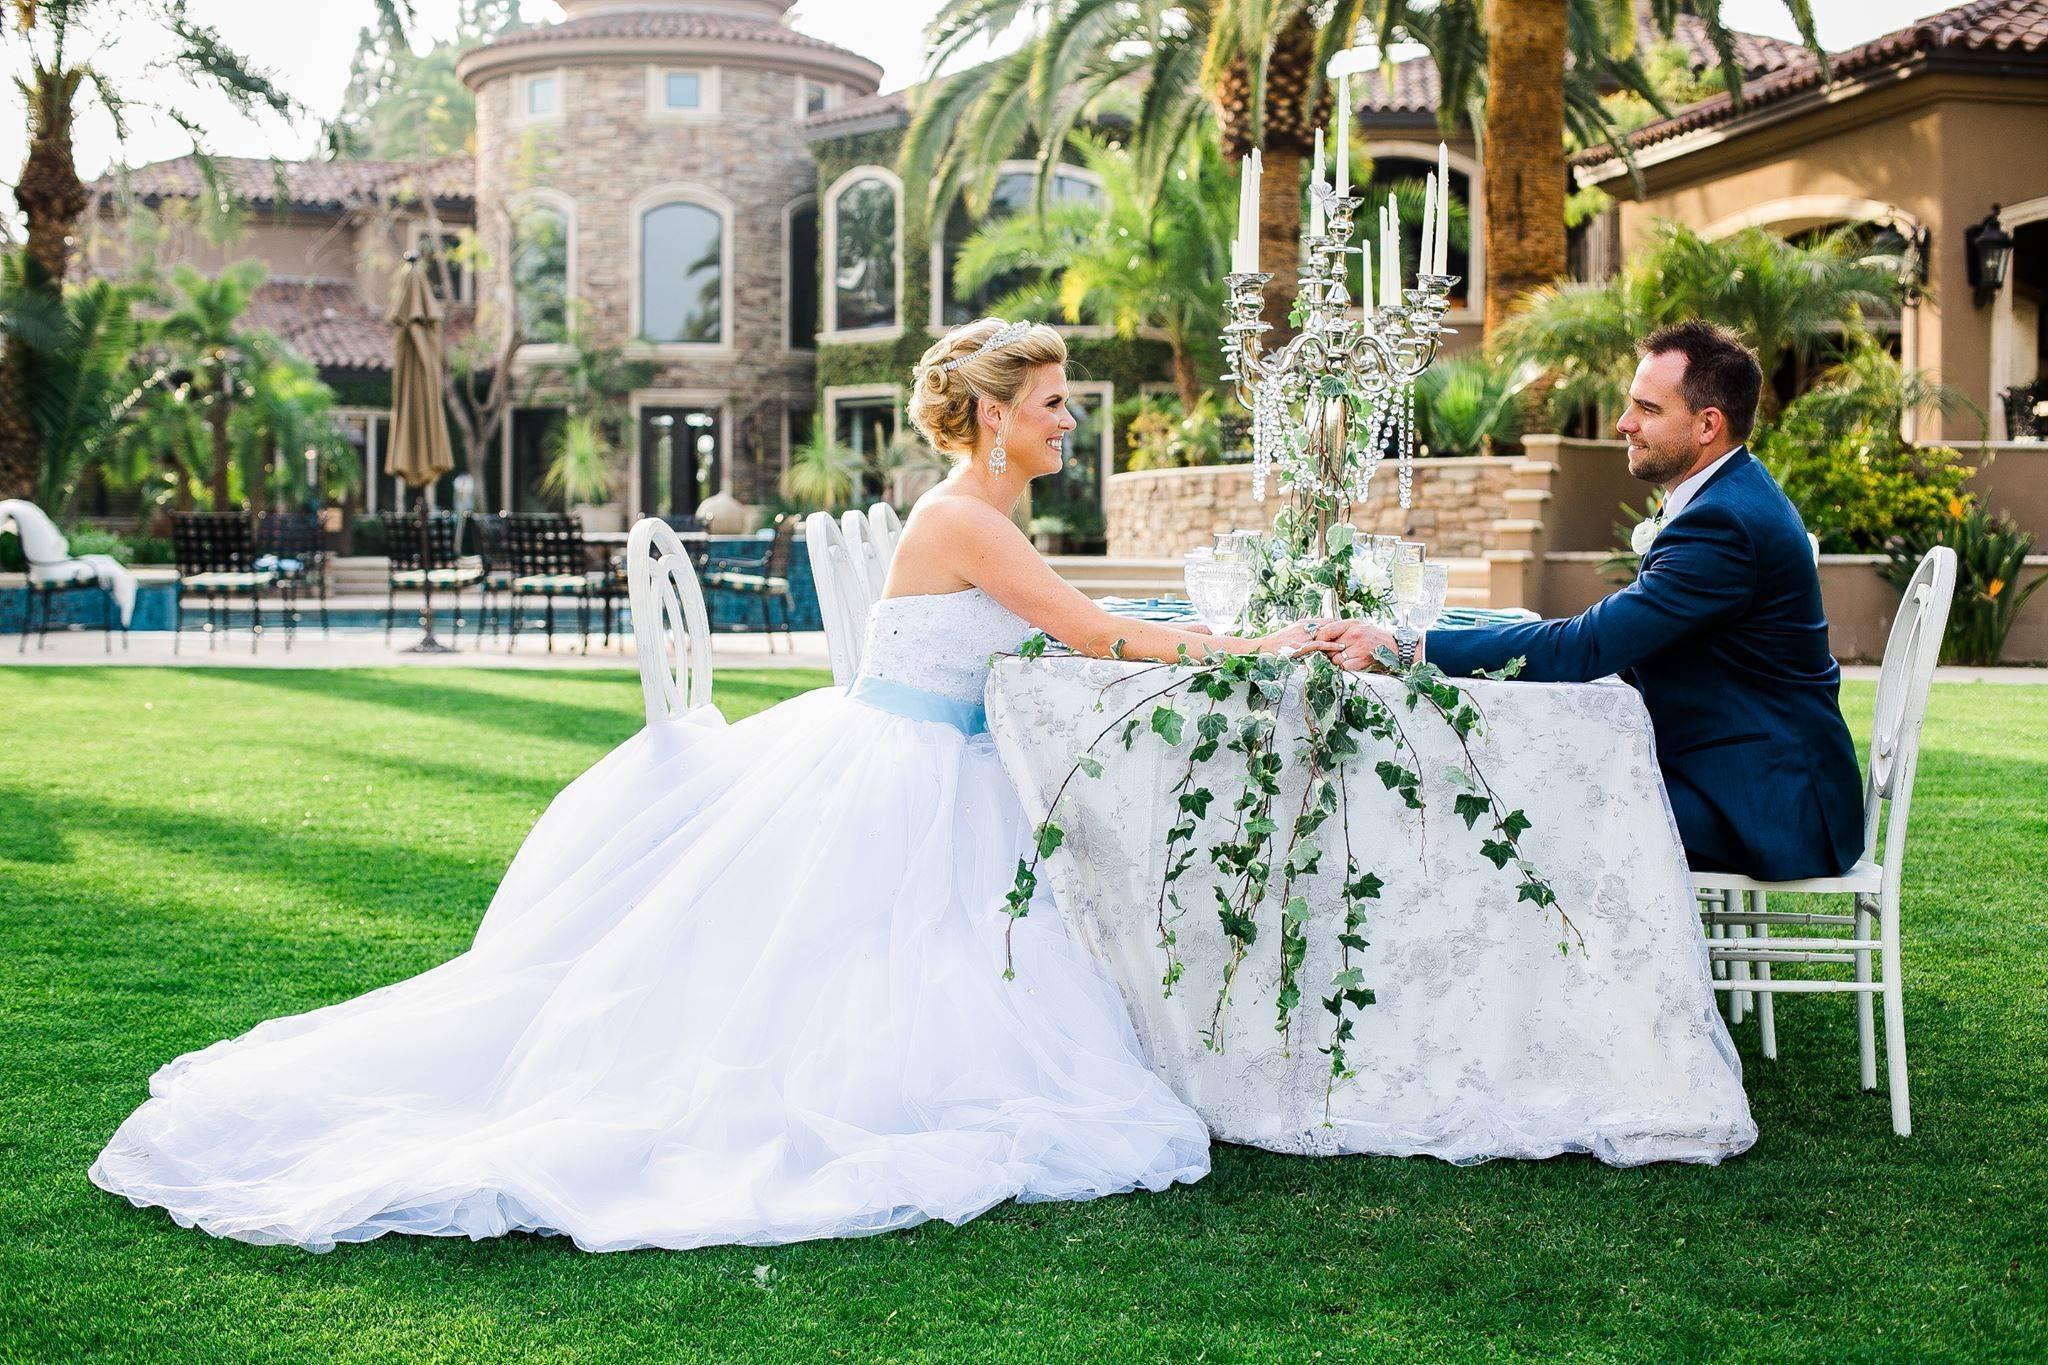 Fairy Godmother Styled Wedding